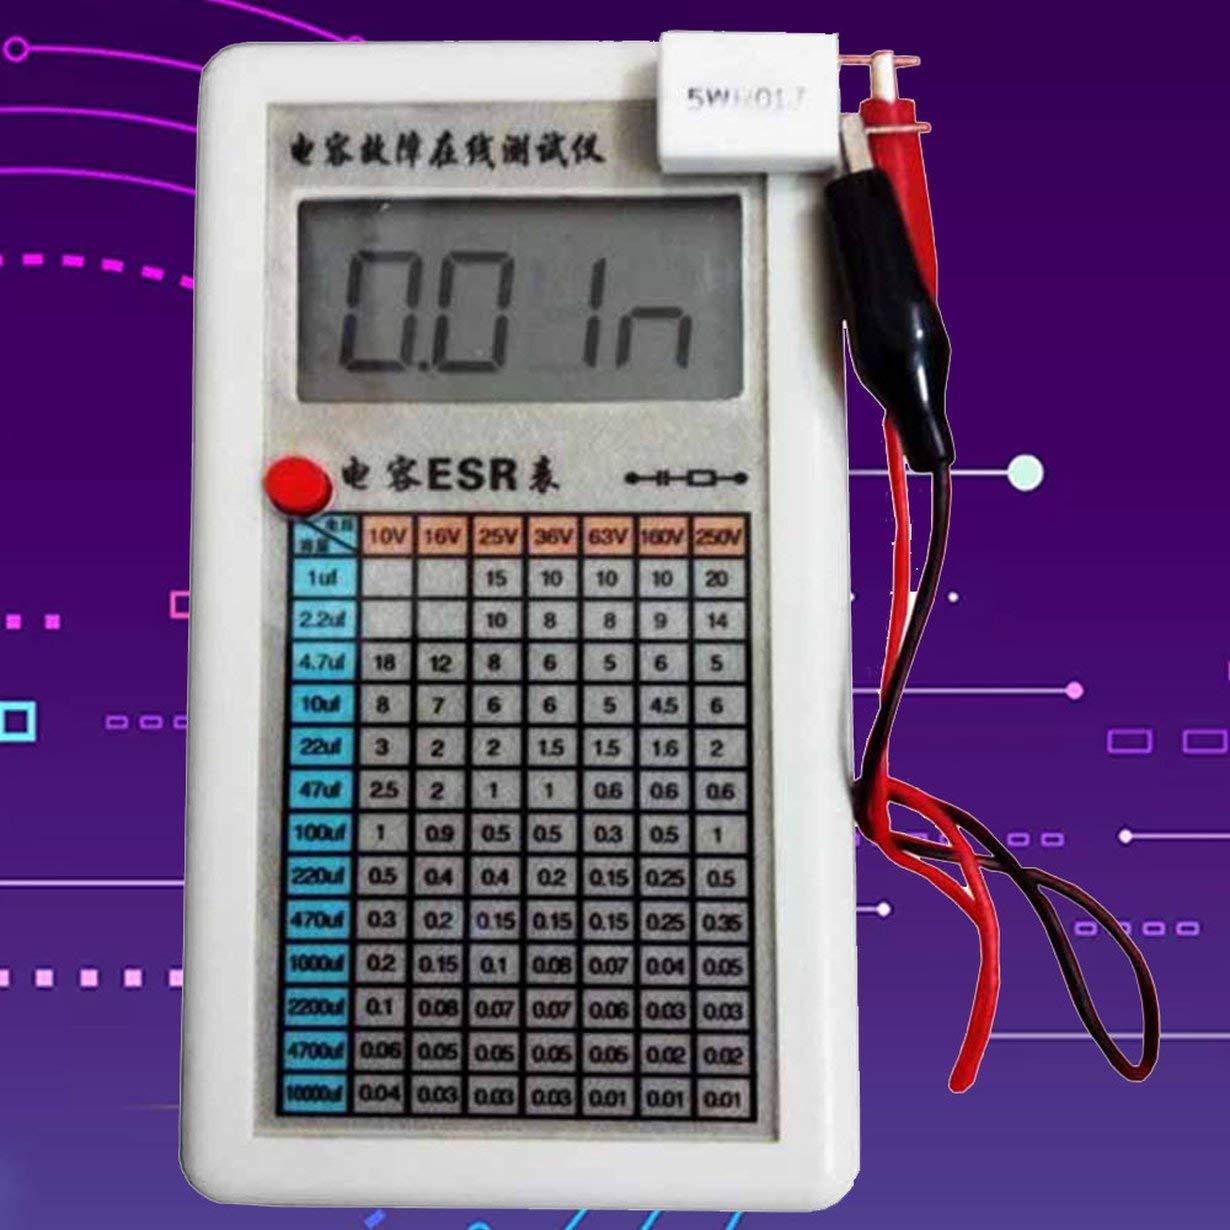 Medidor de Resistencia Interna del comprobador de ESR del Capacitor Digital LCD Prueba en el Circuito Blanco